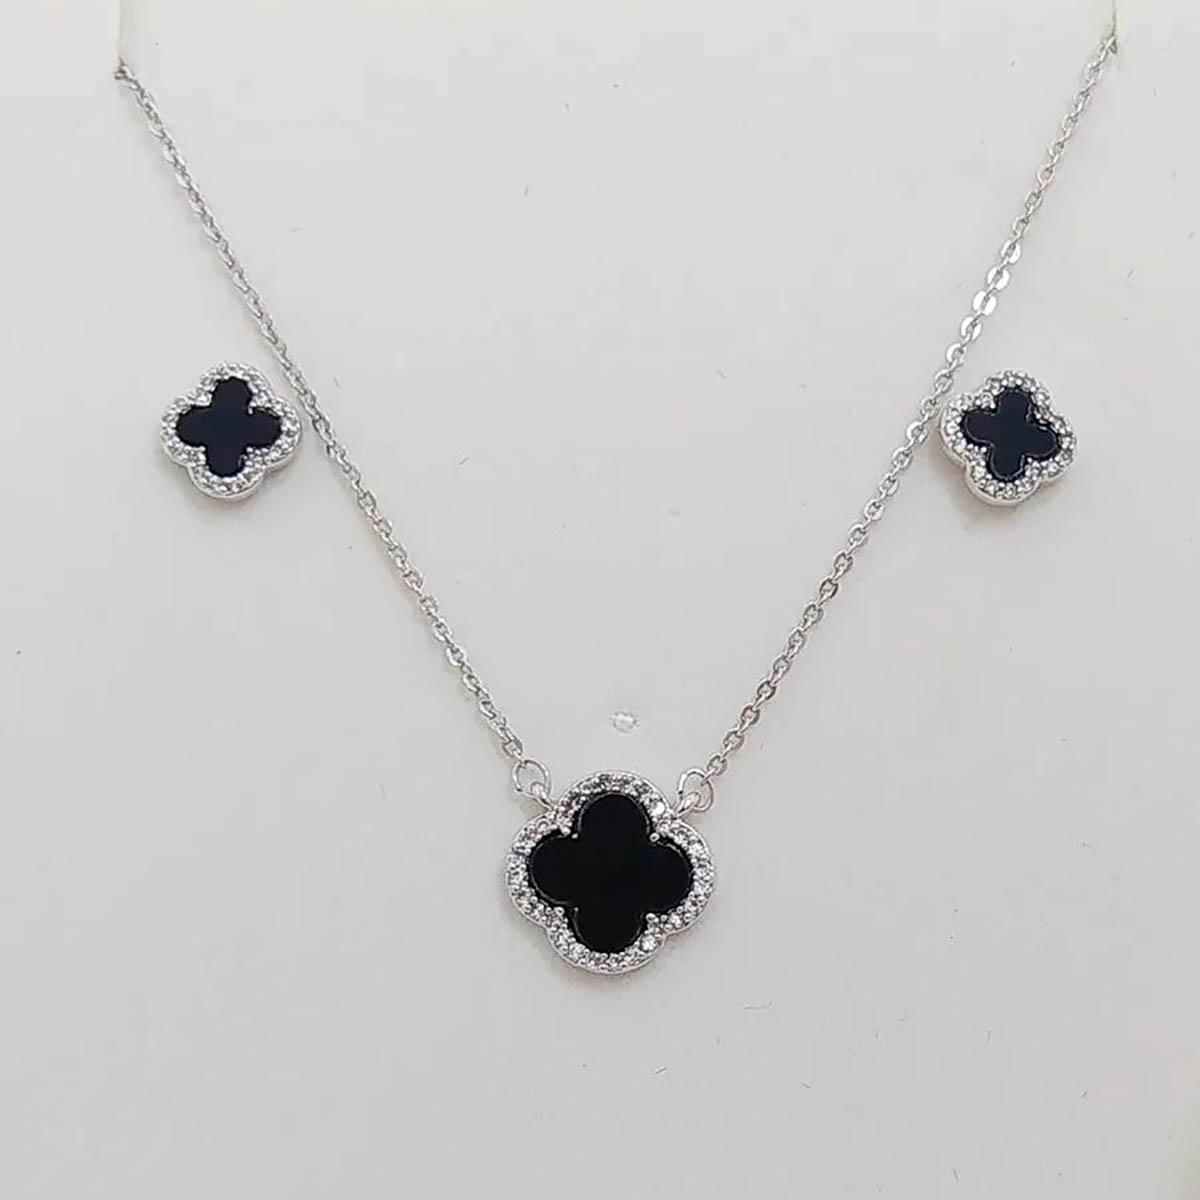 Conjunto vancliff com pedra black e micro zircônias banhada em rodio branco 40cm+5